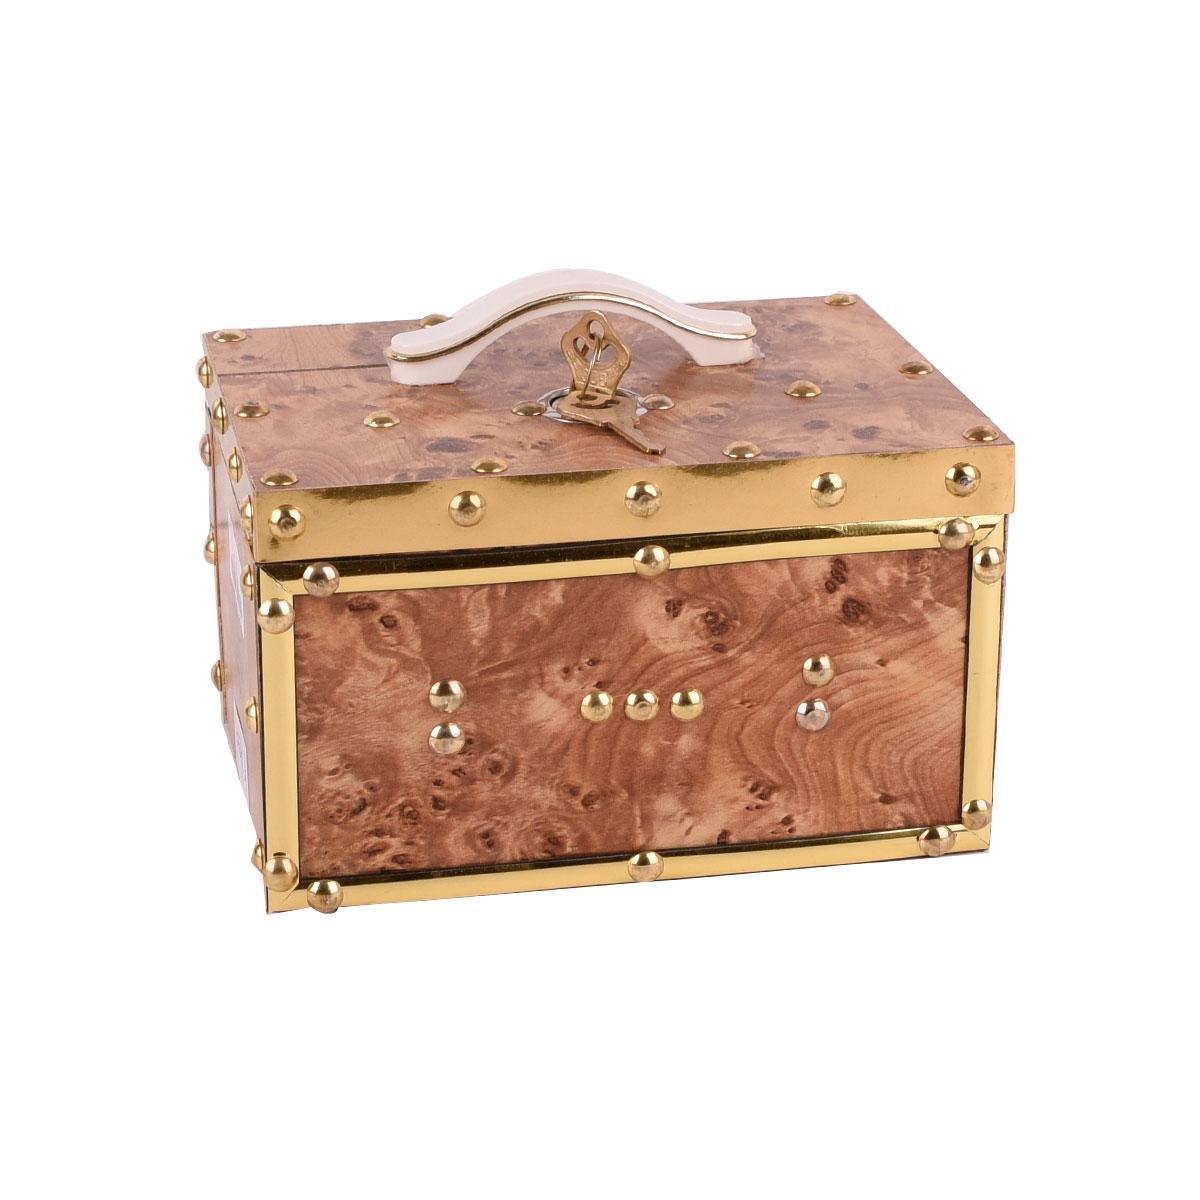 حصالة نقود خشبية مع قفل - الوان واشكال متعدده - موديل HR0214